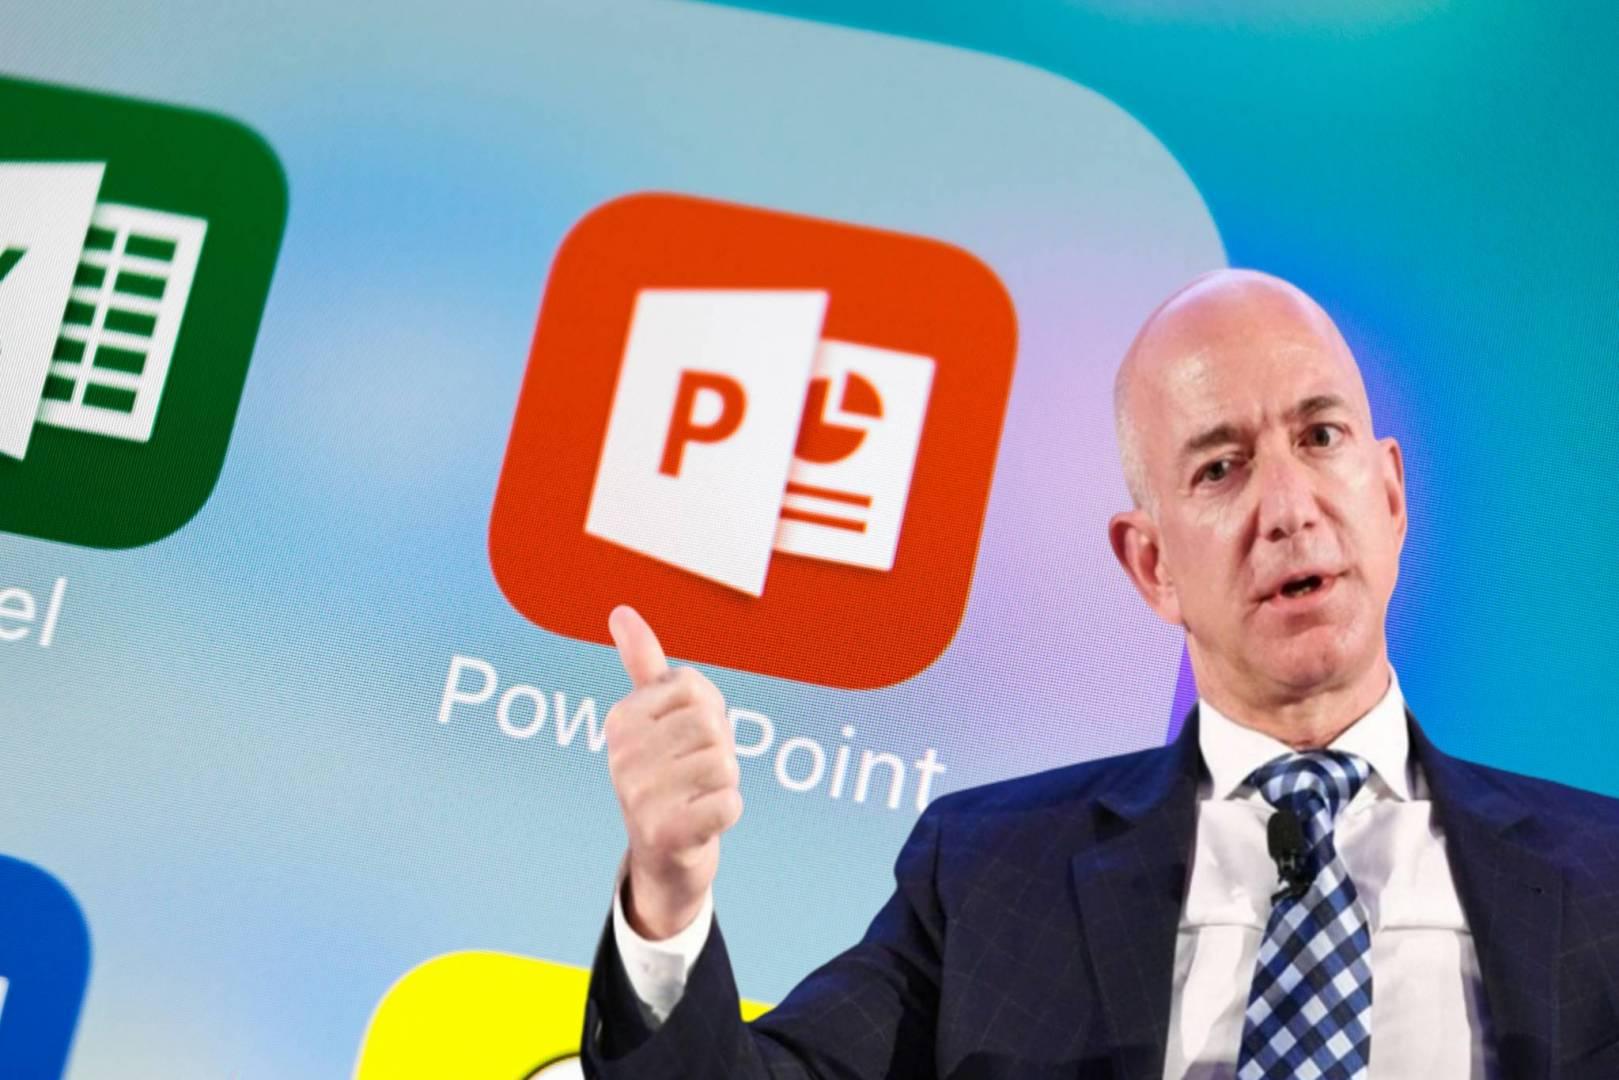 لماذا أعلن مؤسس أمازون الحرب على PowerPoint؟